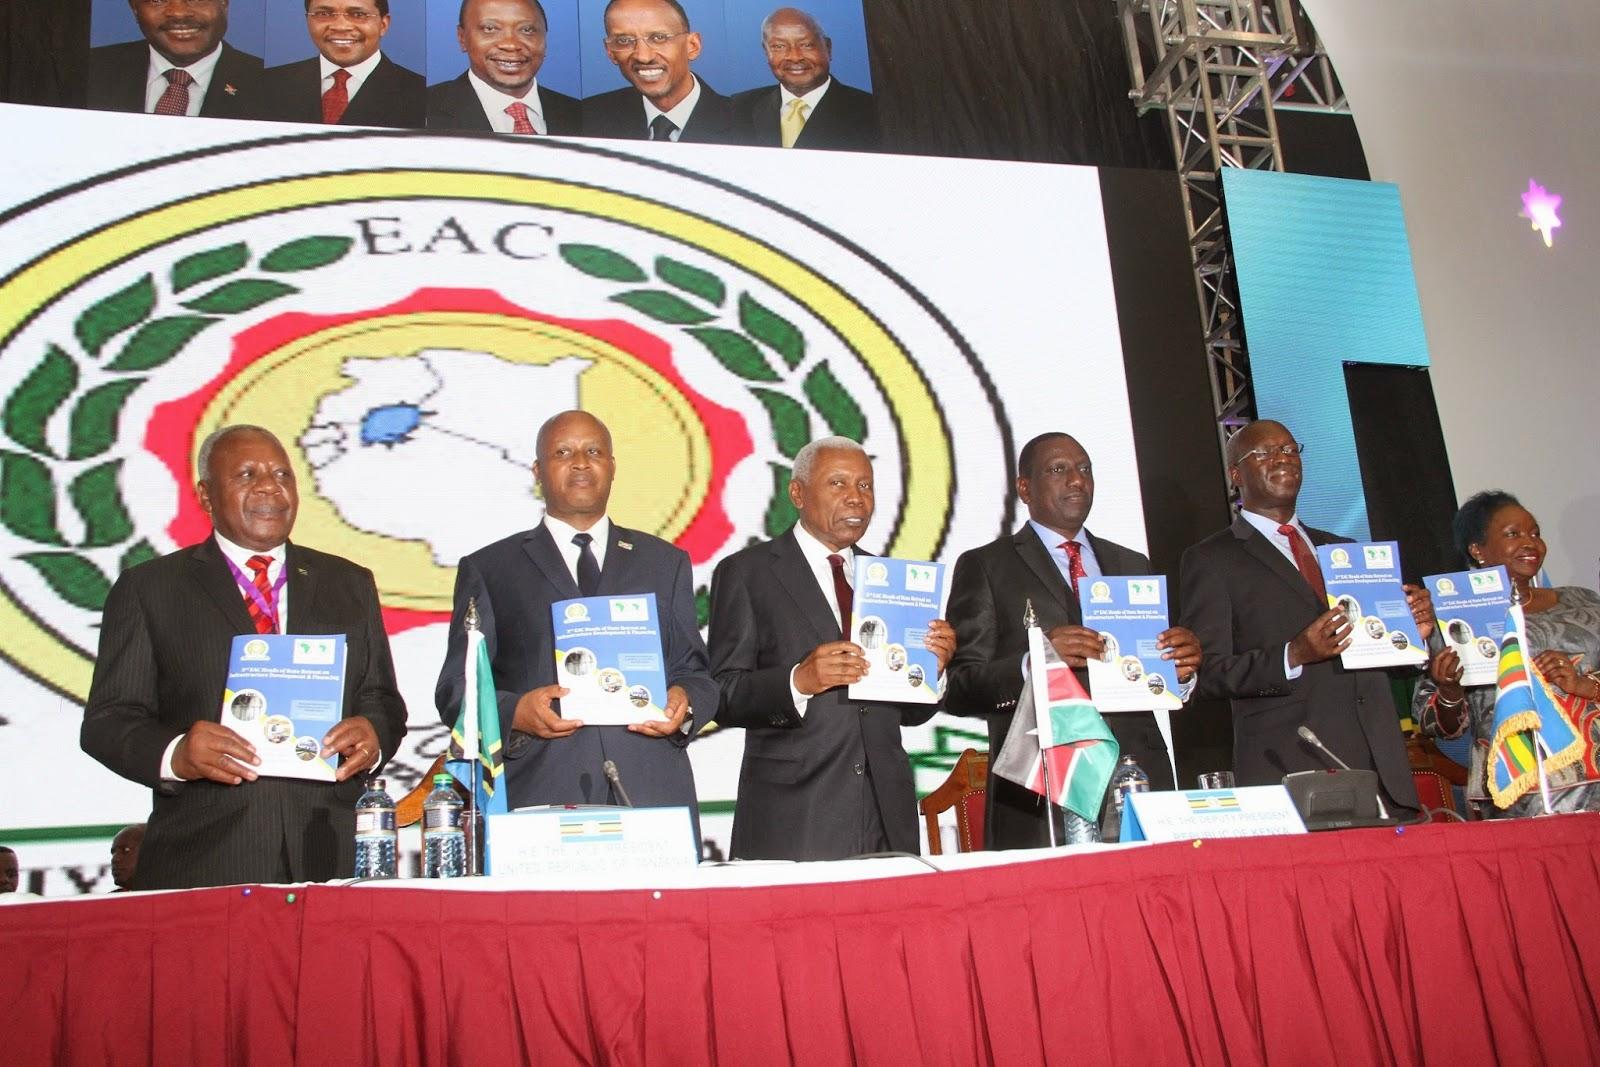 MAKAMU WA RAIS DKT. BILAL AIWAKILISHA TANZANIA KATIKA MKUTANO WA 3 WA WAKUU WA NCHI ZA AFRIKA MASHARIKI (EAC) KUHUSU MIUNDOMBINU JIJINI NAIROBI, KENYA